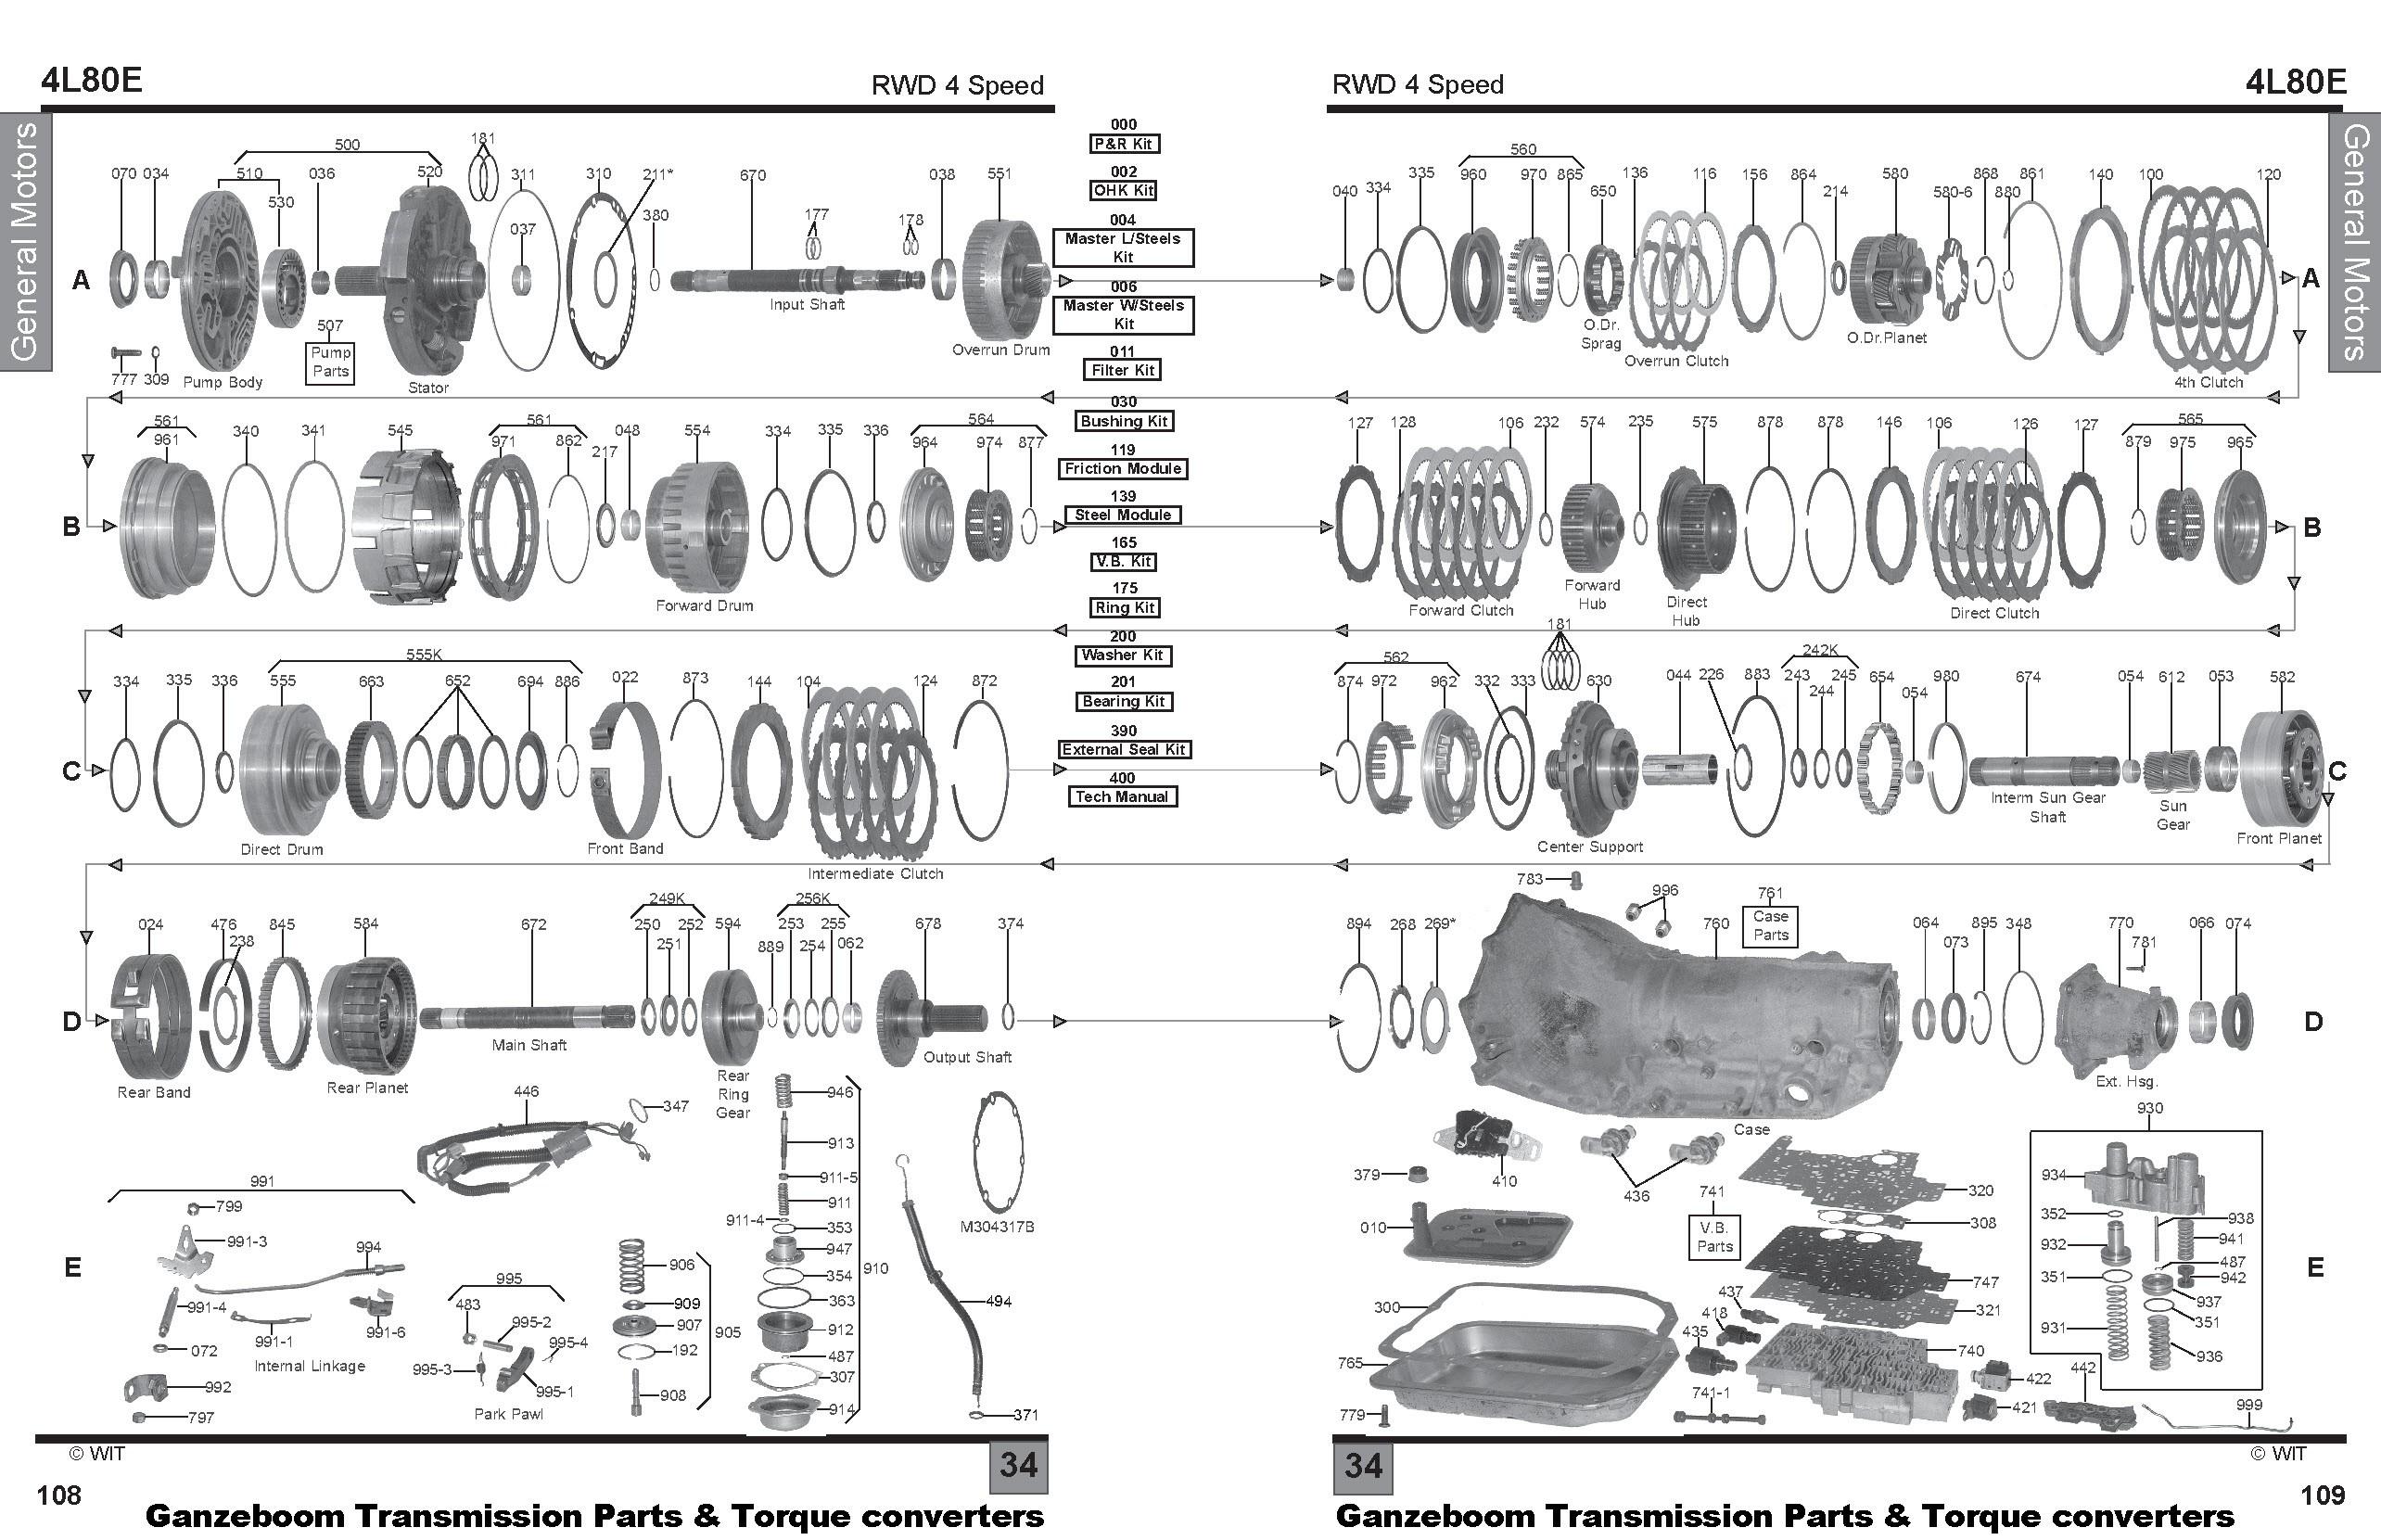 4l80e - gm general motors